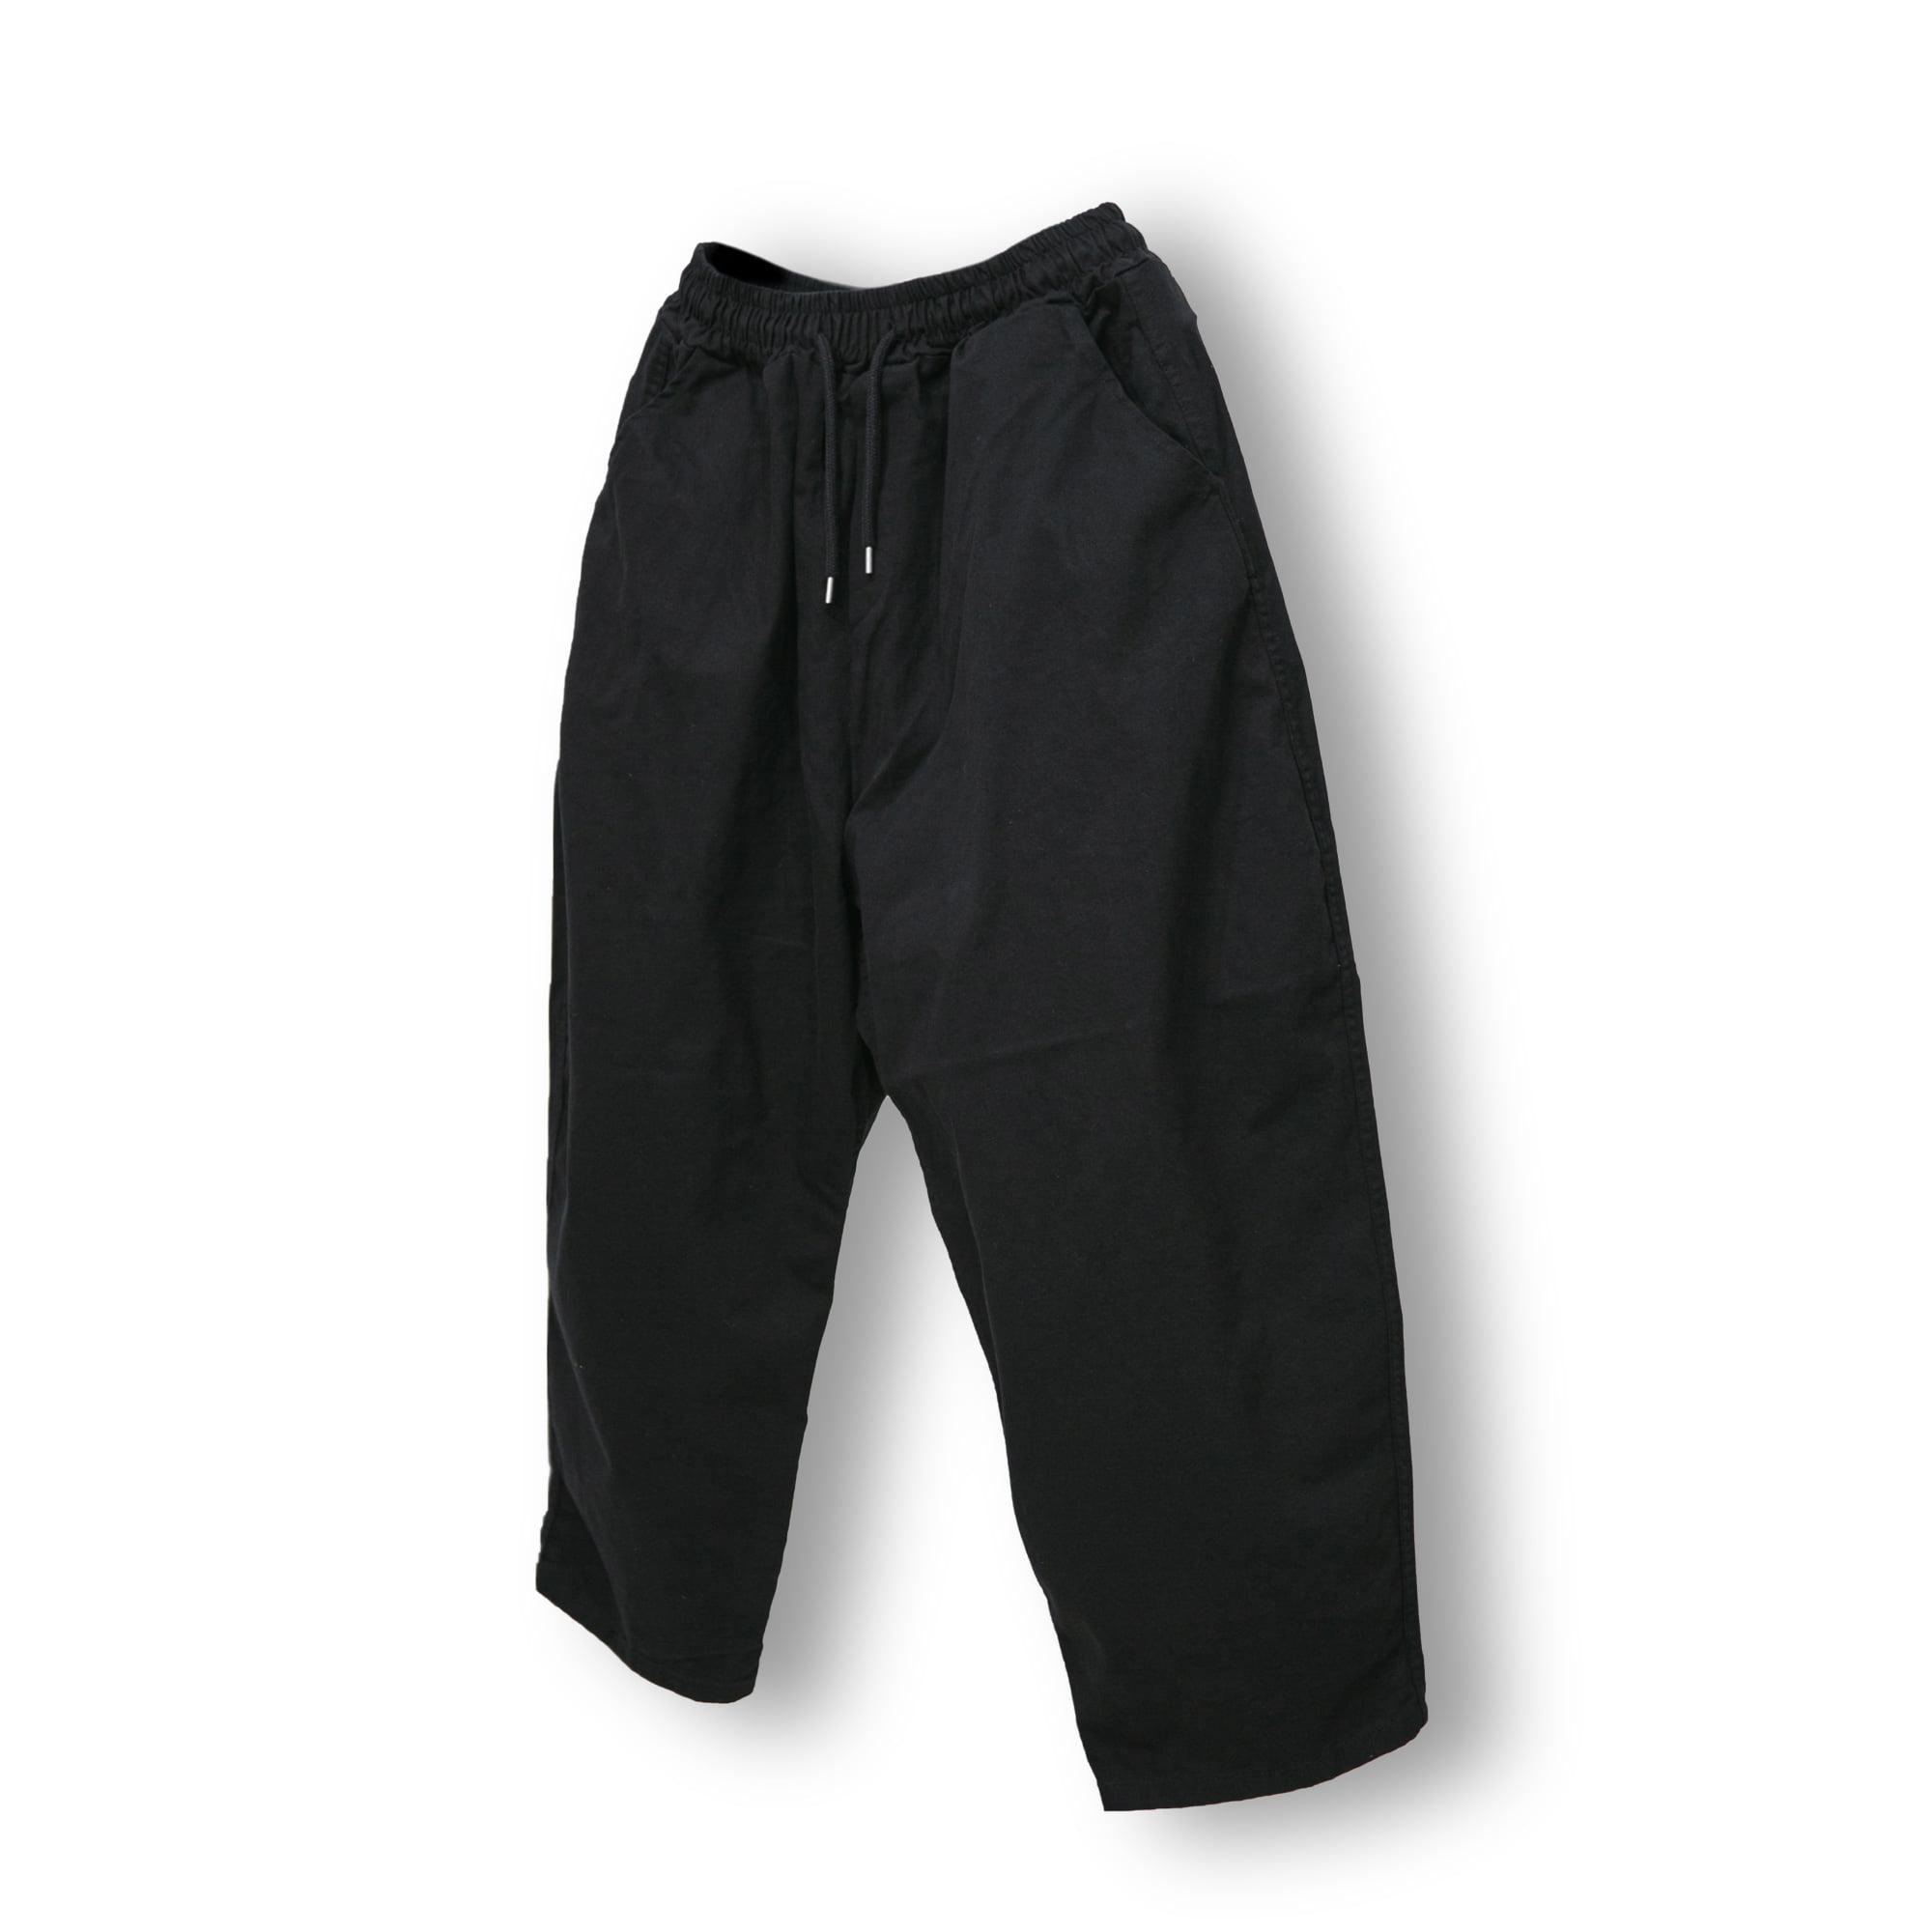 Cotton Sarrouel Banding Pants - Black